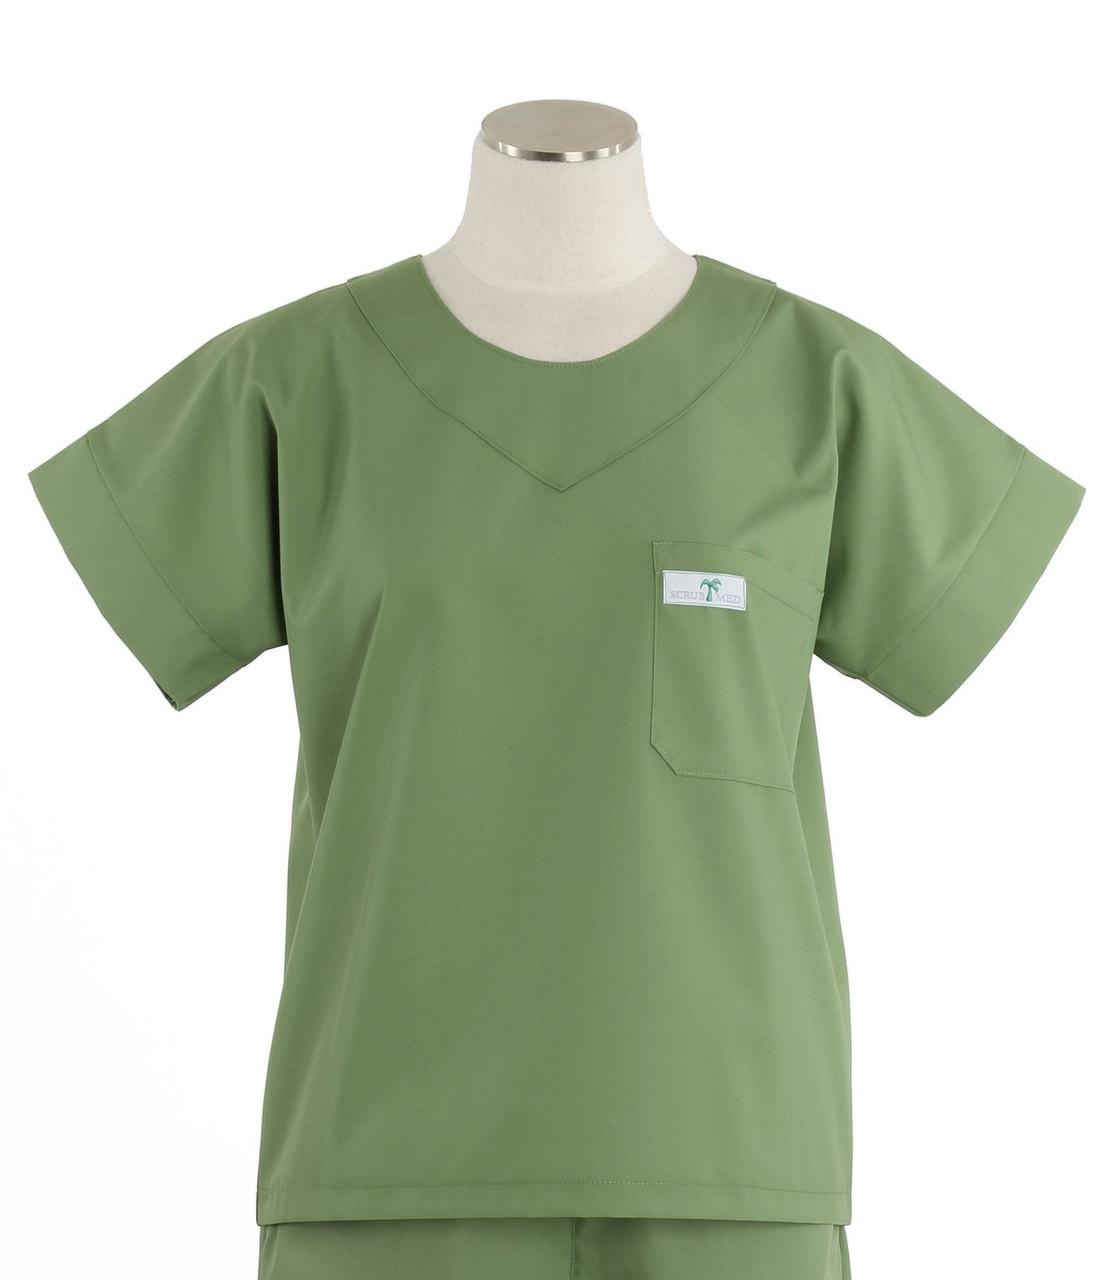 893e98f2403 Scrub Med Womens Solid Scrub Top Bay Leaf - Scrub Med